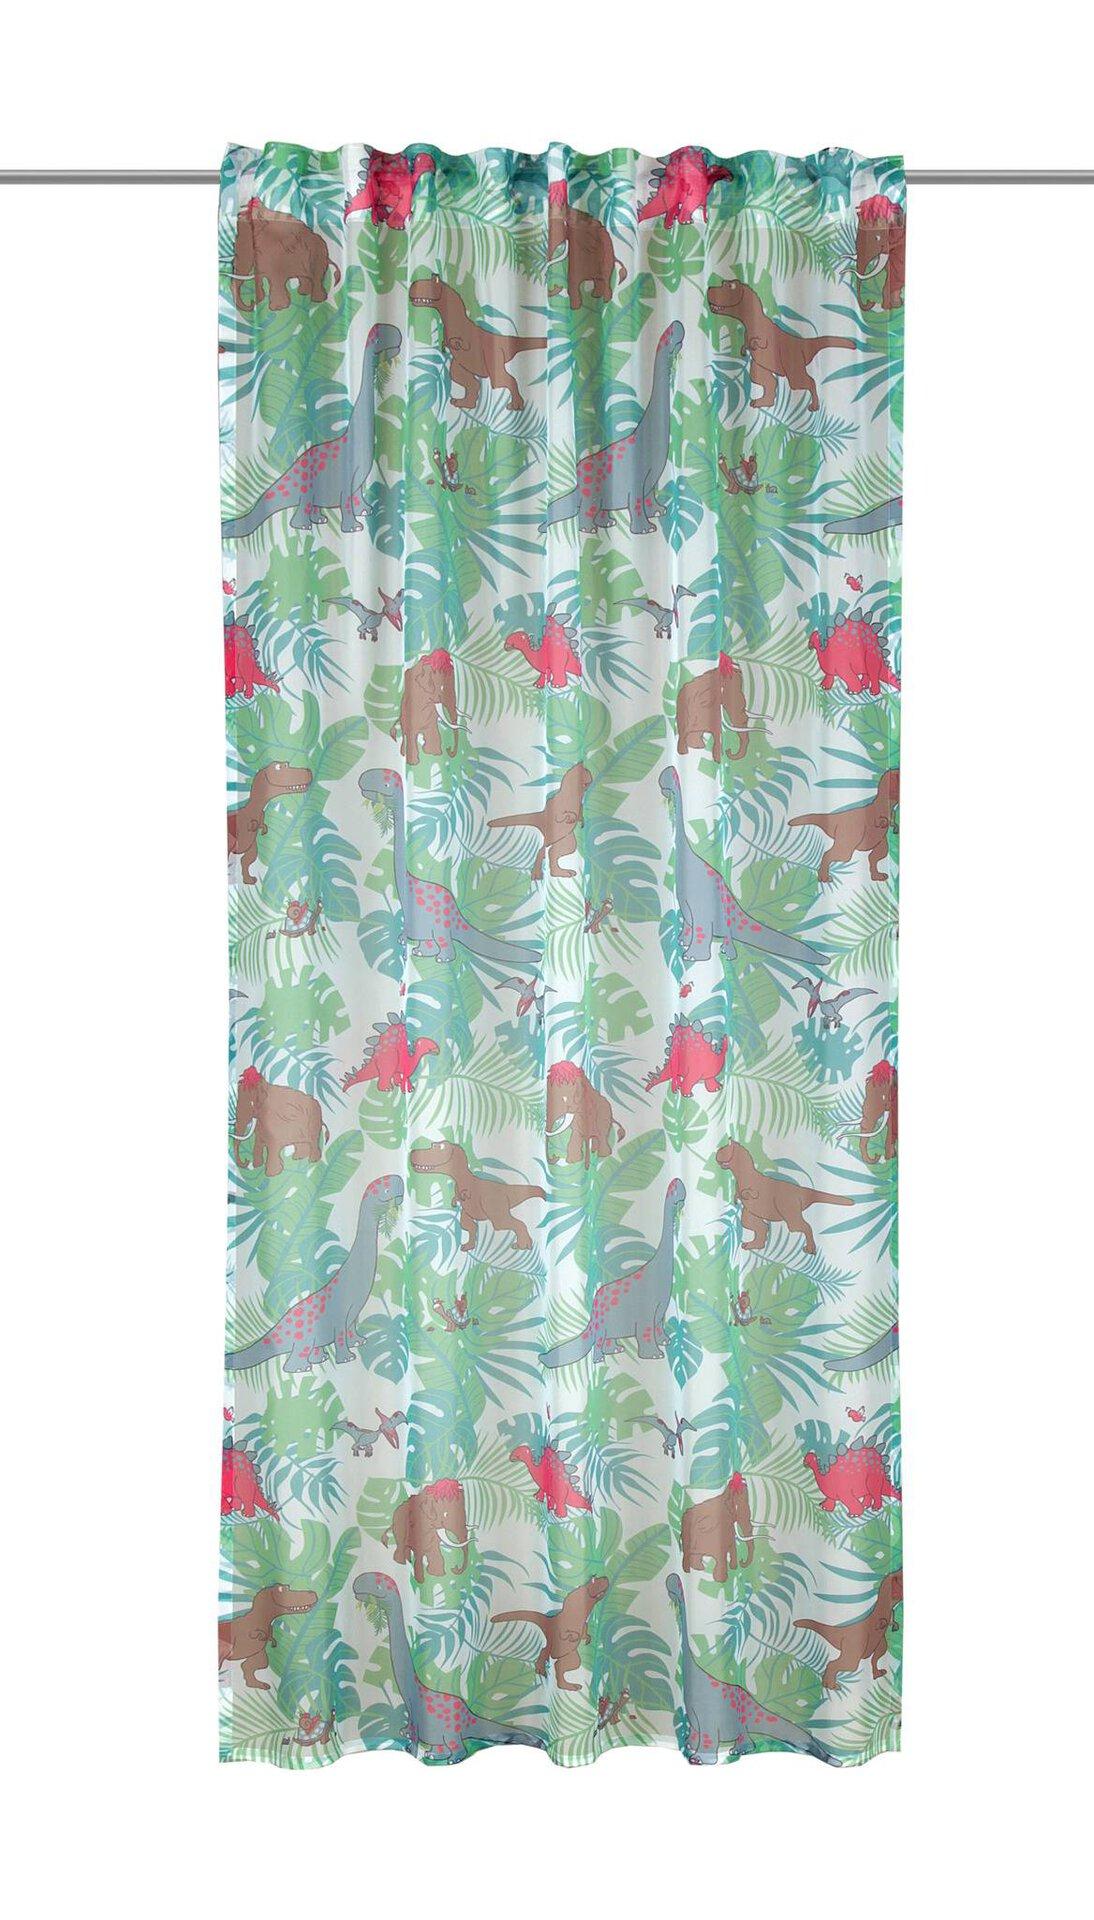 Schlaufenschal Dino Albani Textil grün 135 x 245 cm